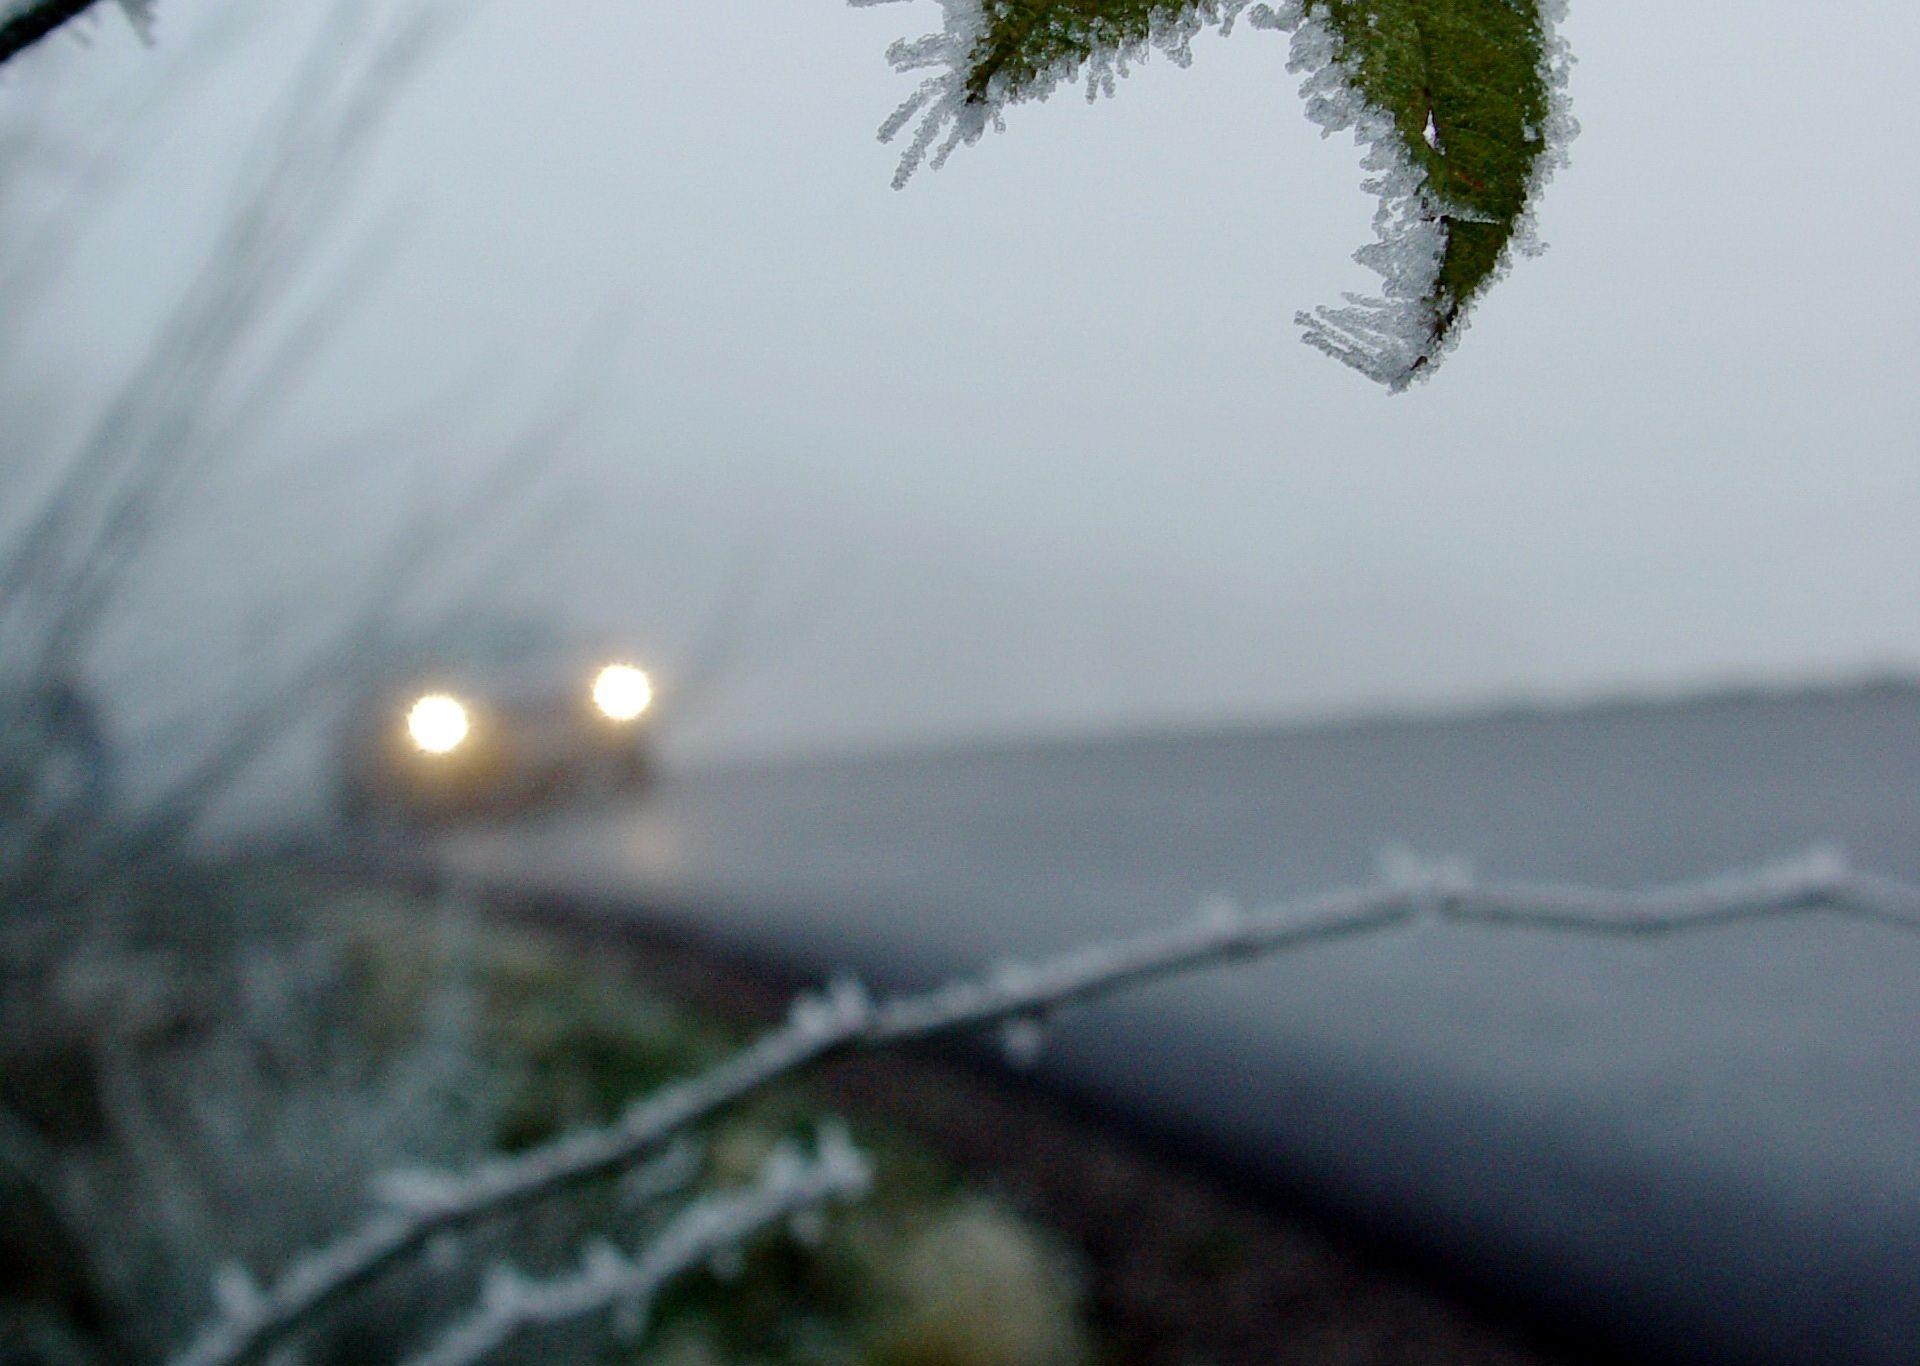 HAK Magla smanjuje vidljivost na cestama, moguća poledica